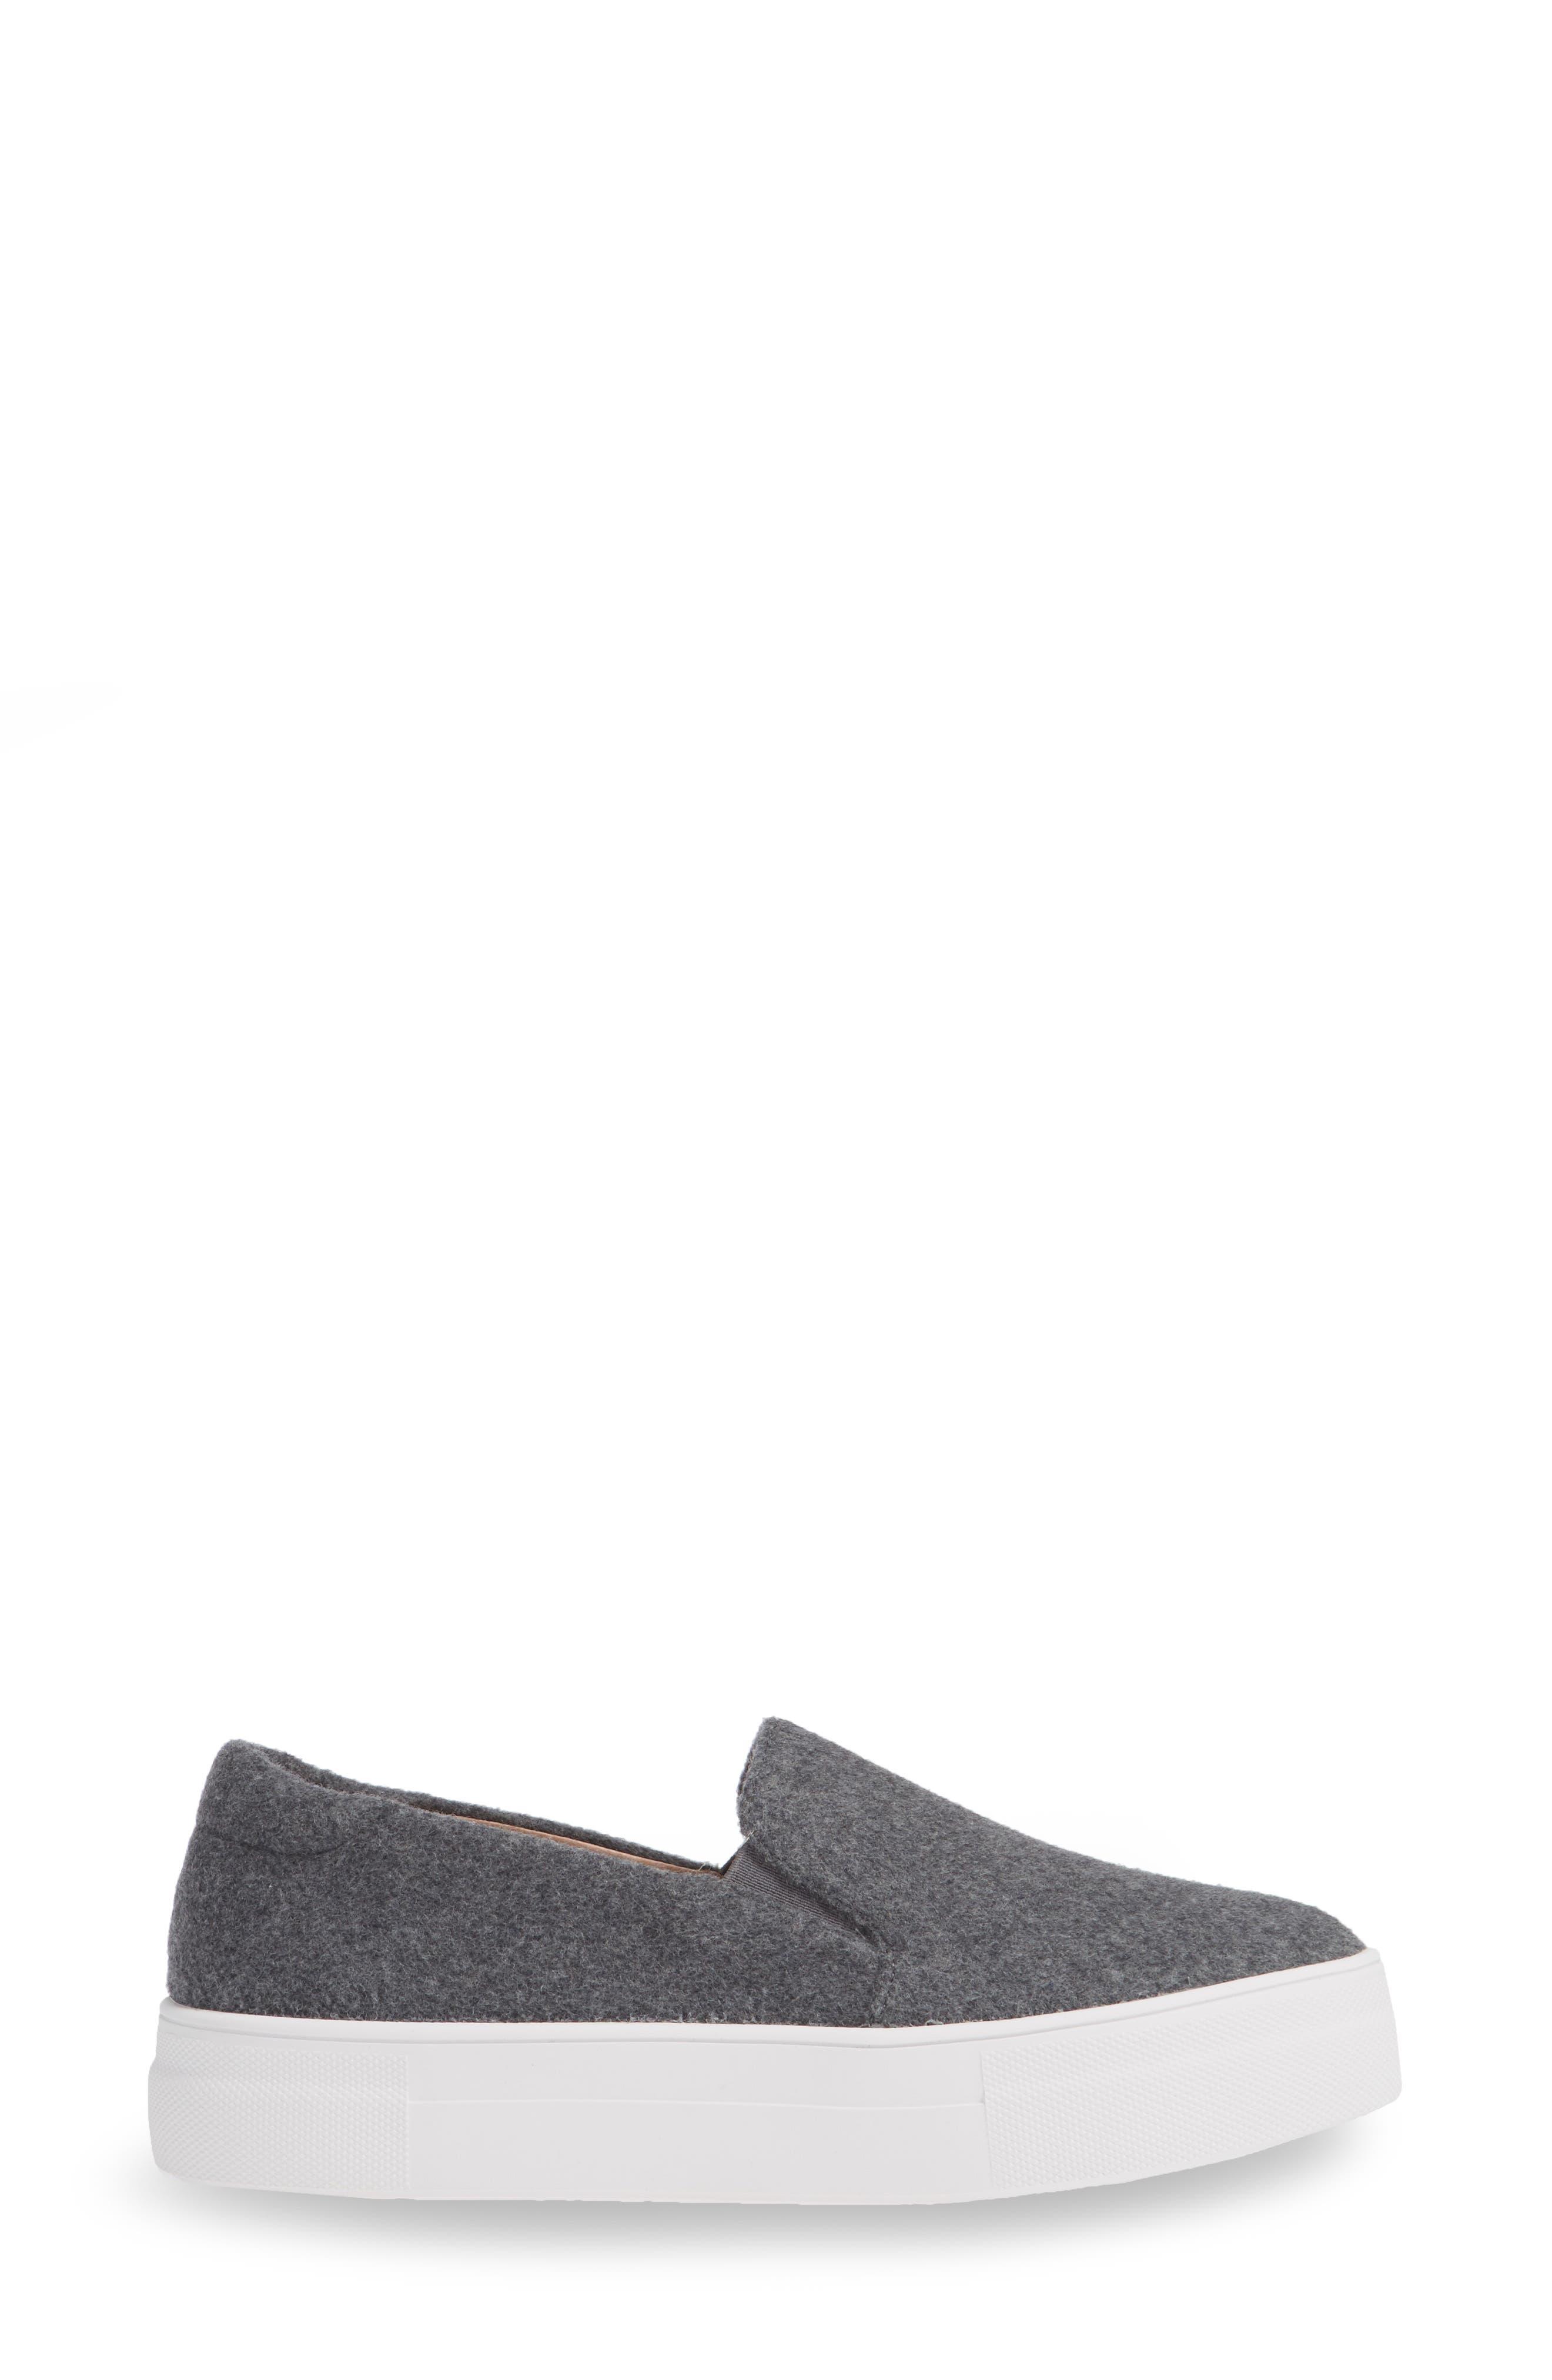 Alden Slip-On Sneaker,                             Alternate thumbnail 3, color,                             Stone Boiled Wool